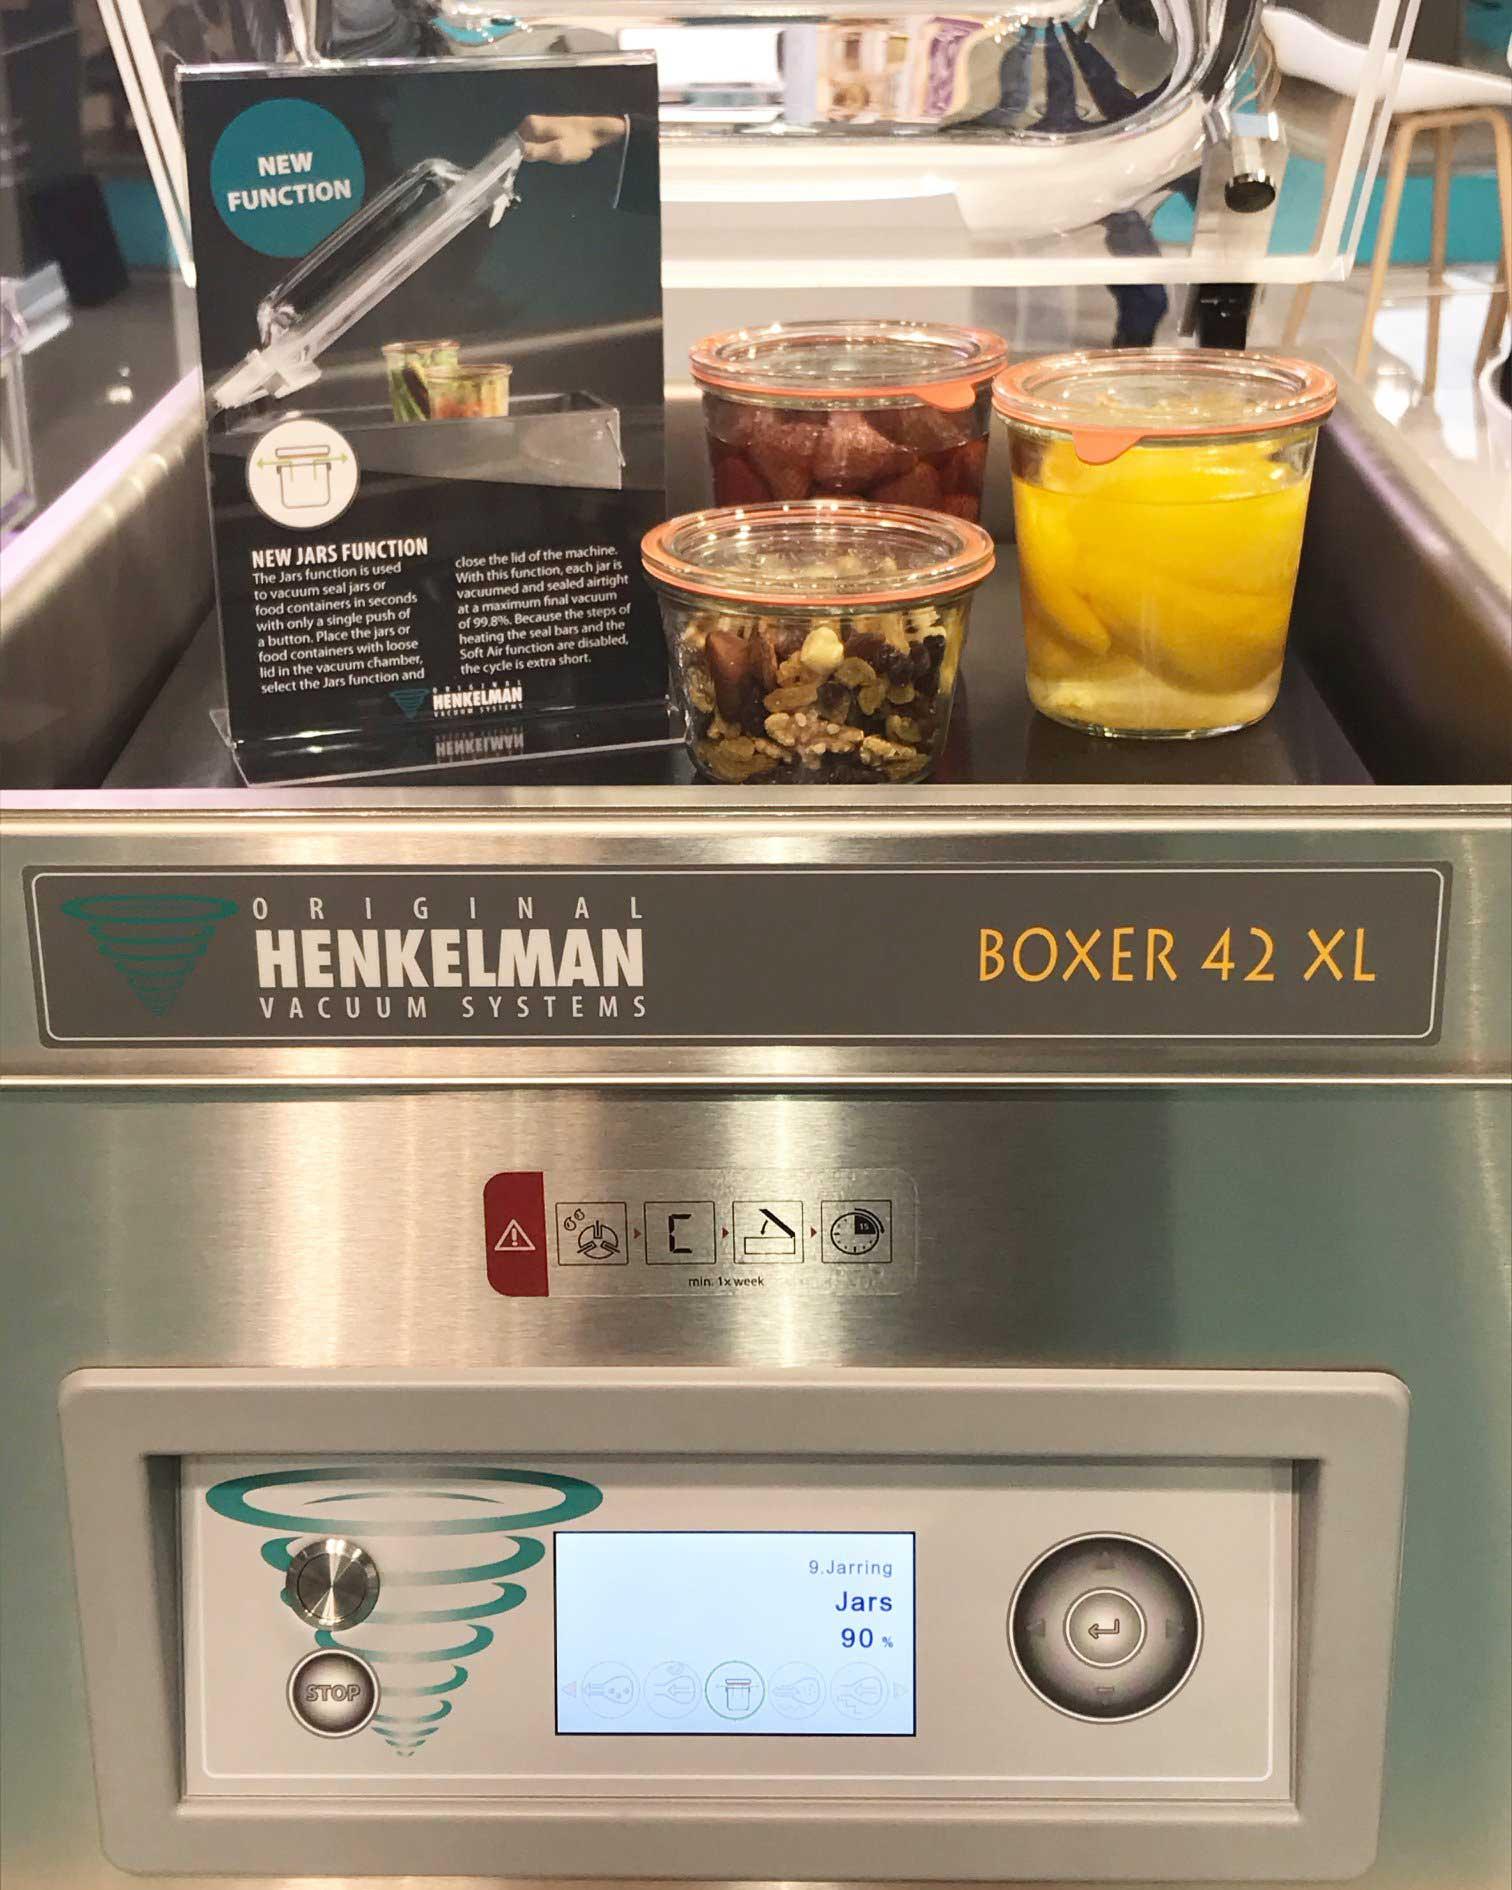 Henkleman Boxer 42 XL